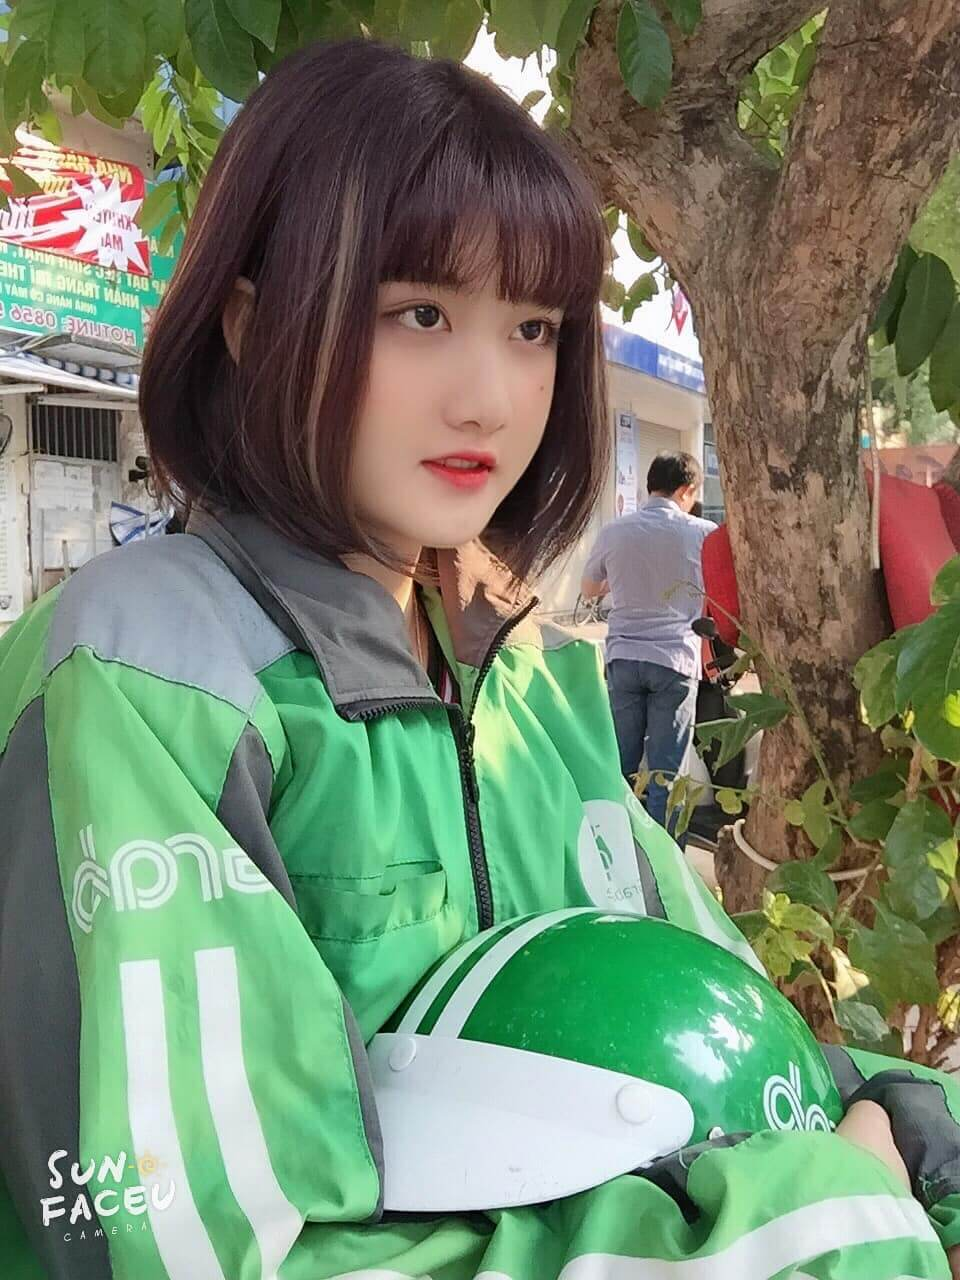 ベトナムのグラブバイクの運転手が美しいと話題に